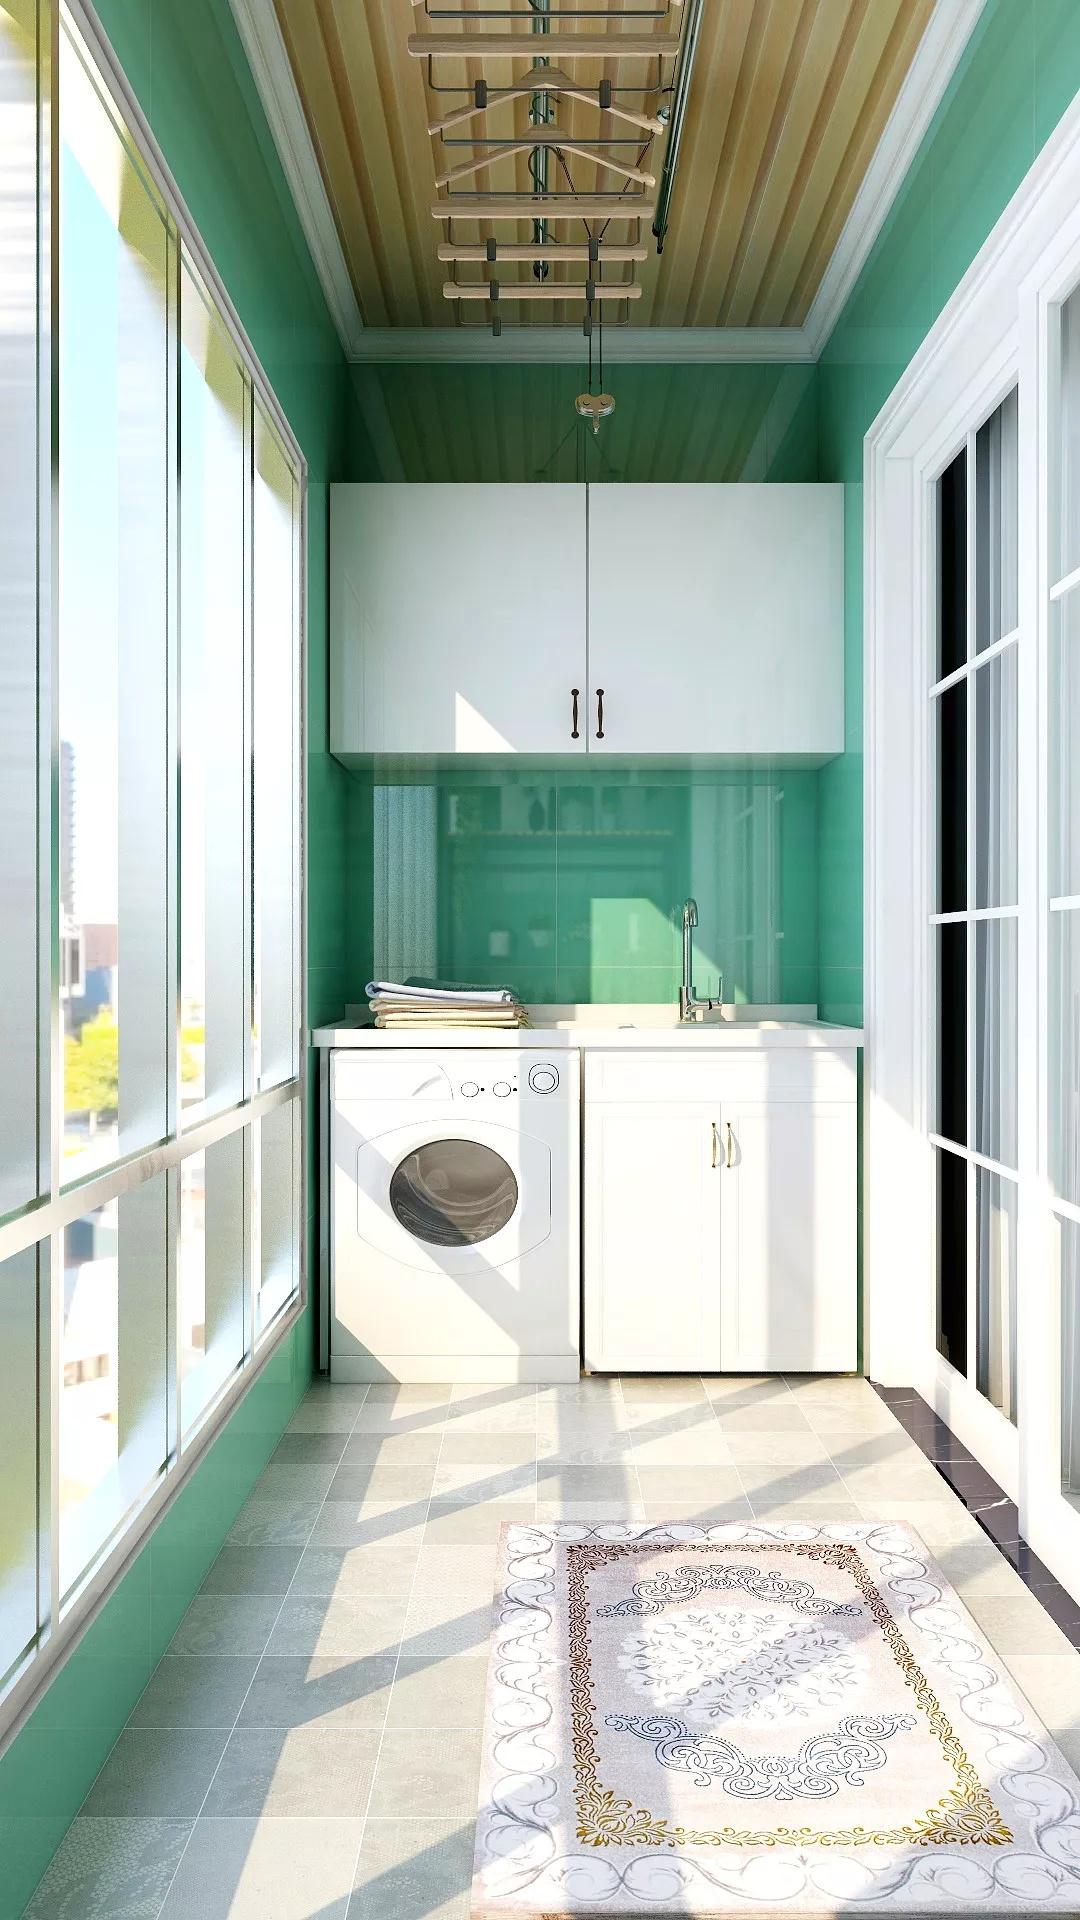 一般家用热水器尺寸多少合适 家用热水器如何选购